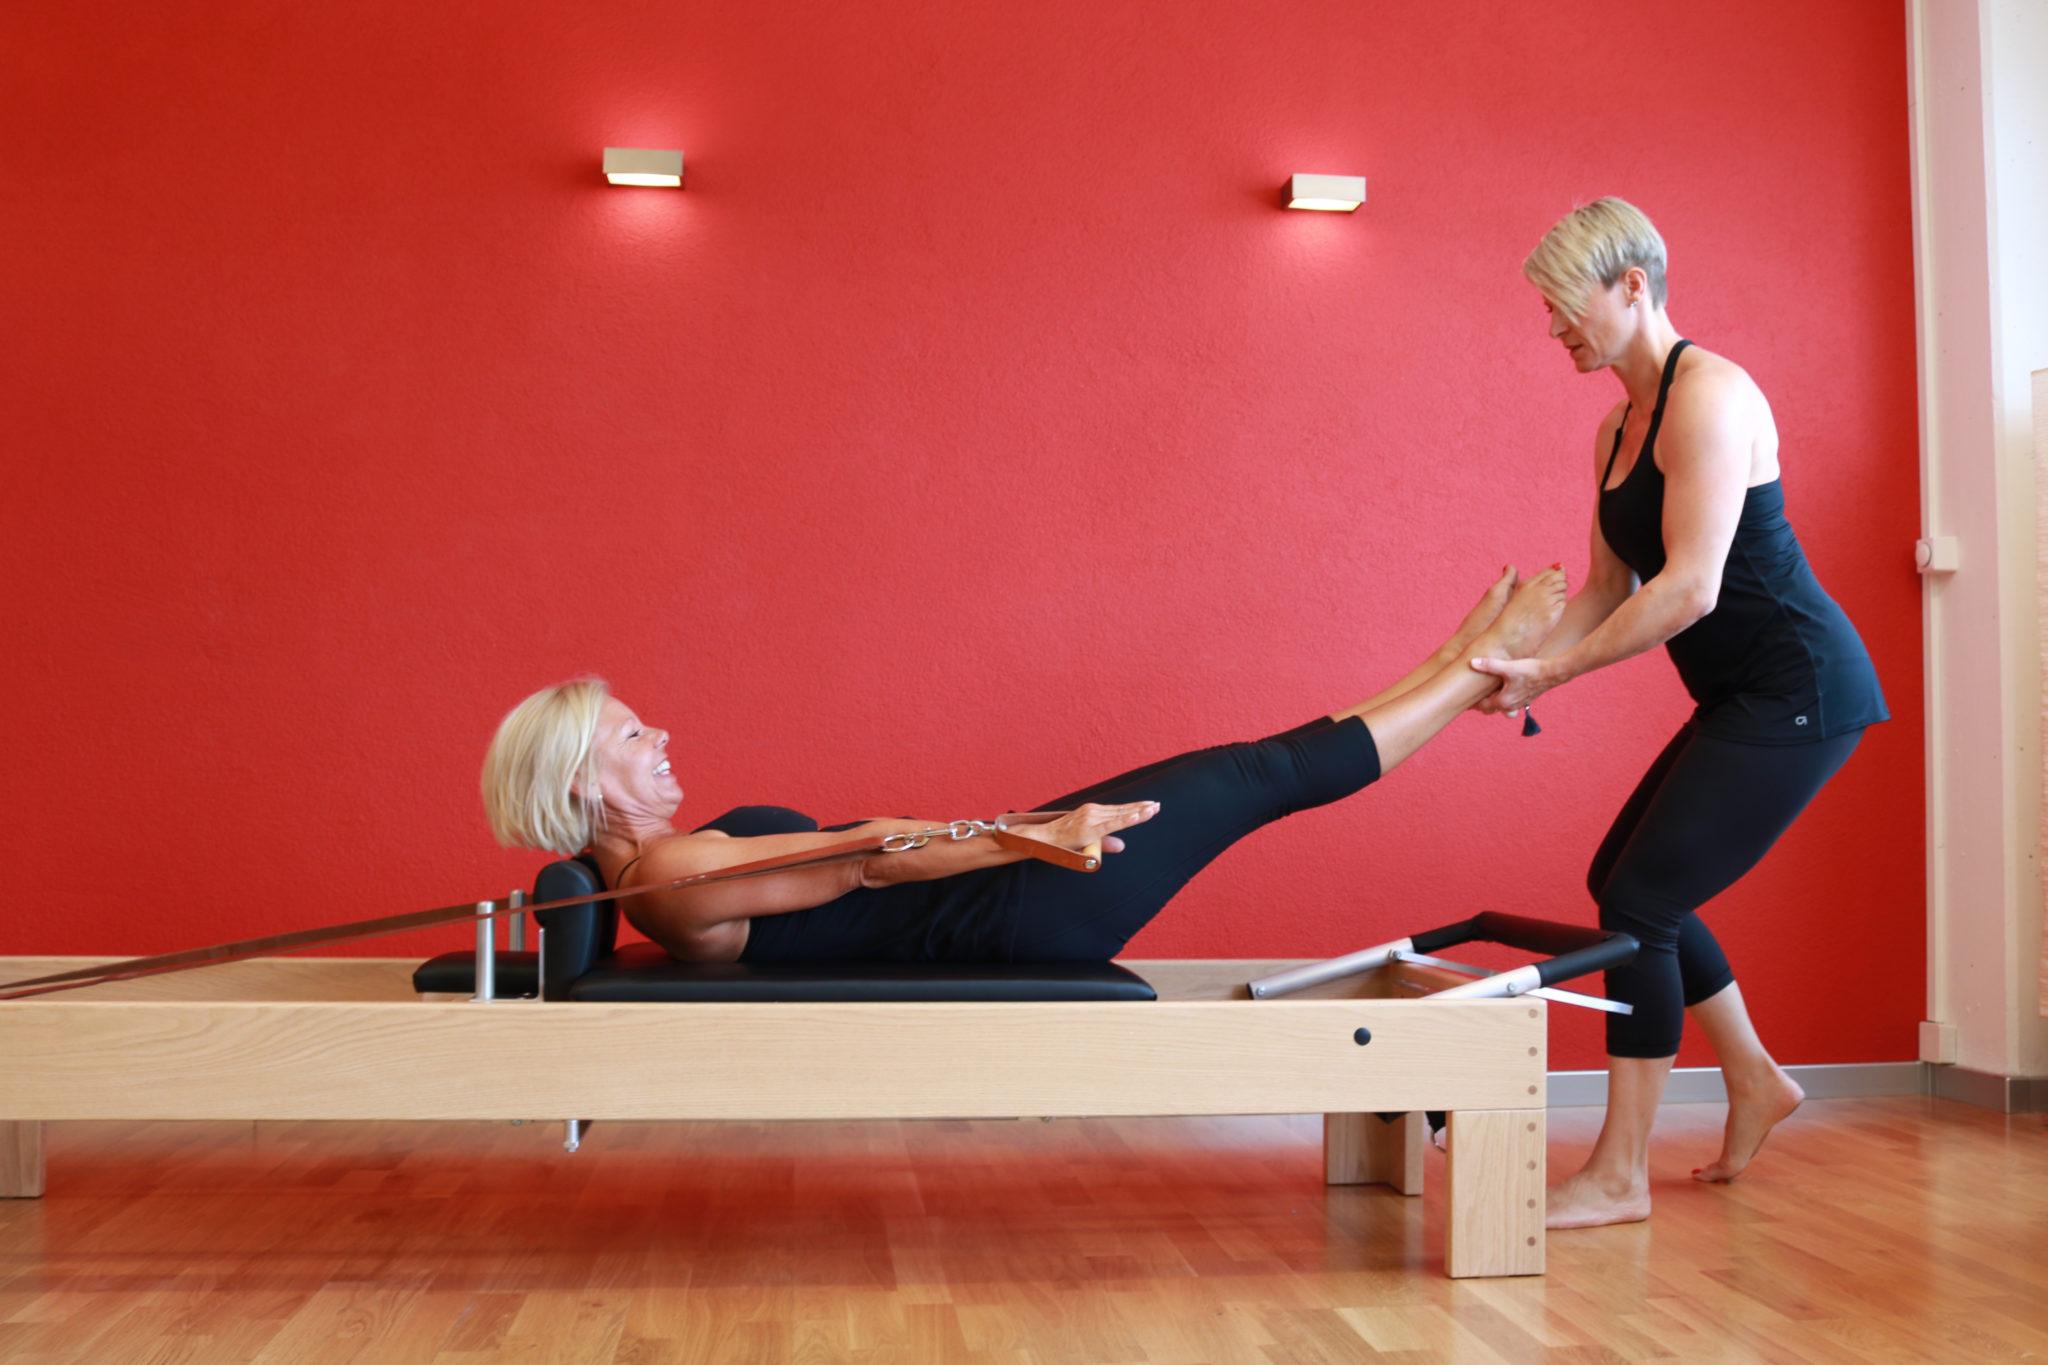 Pilates auf dem Reformer